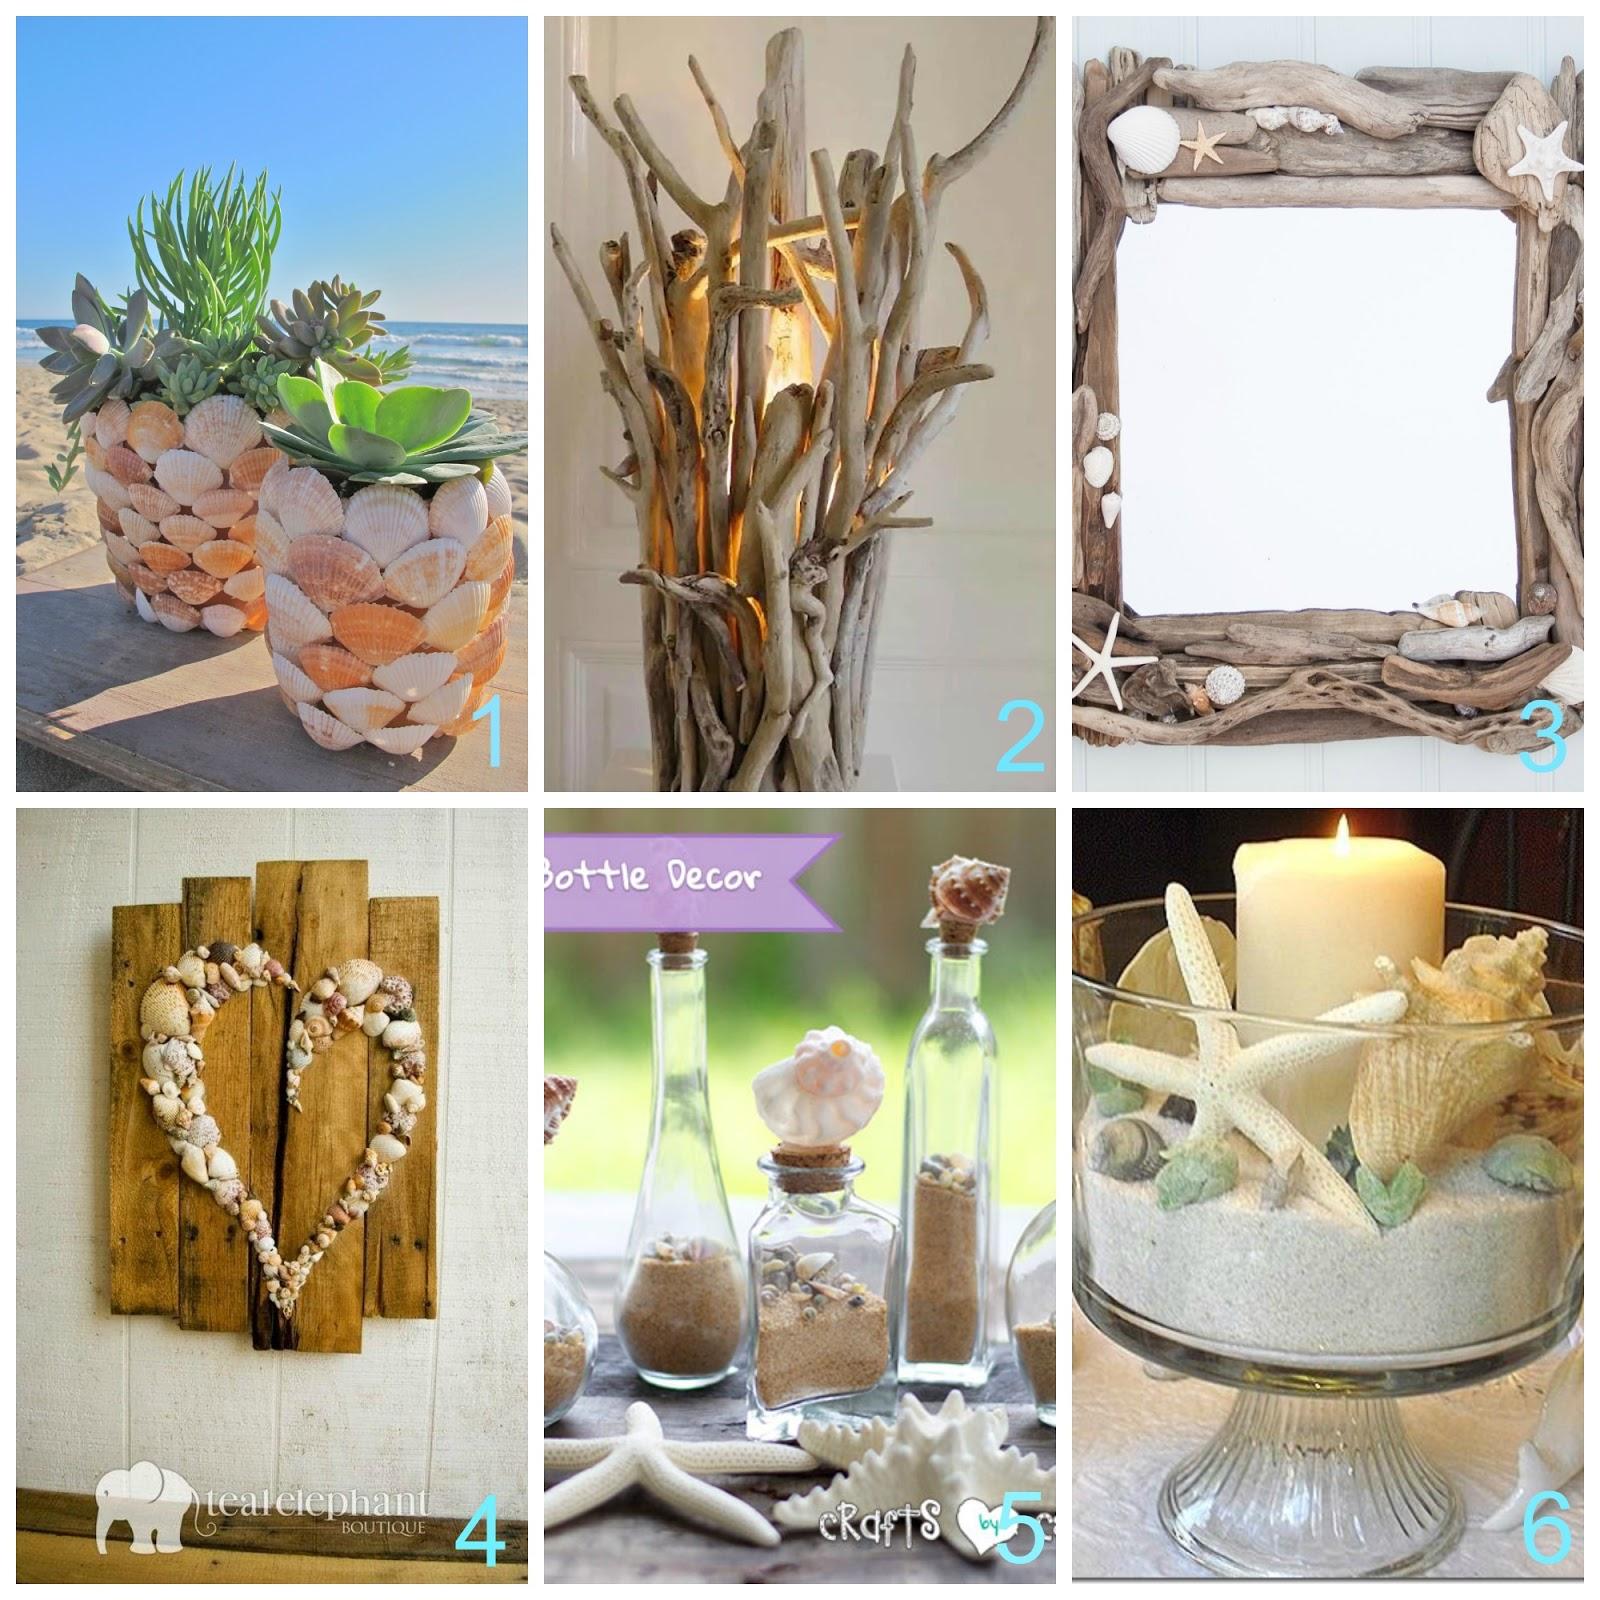 Conchiglie e legnetti di mare per decorare casa col fai da te for Decorazioni con conchiglie